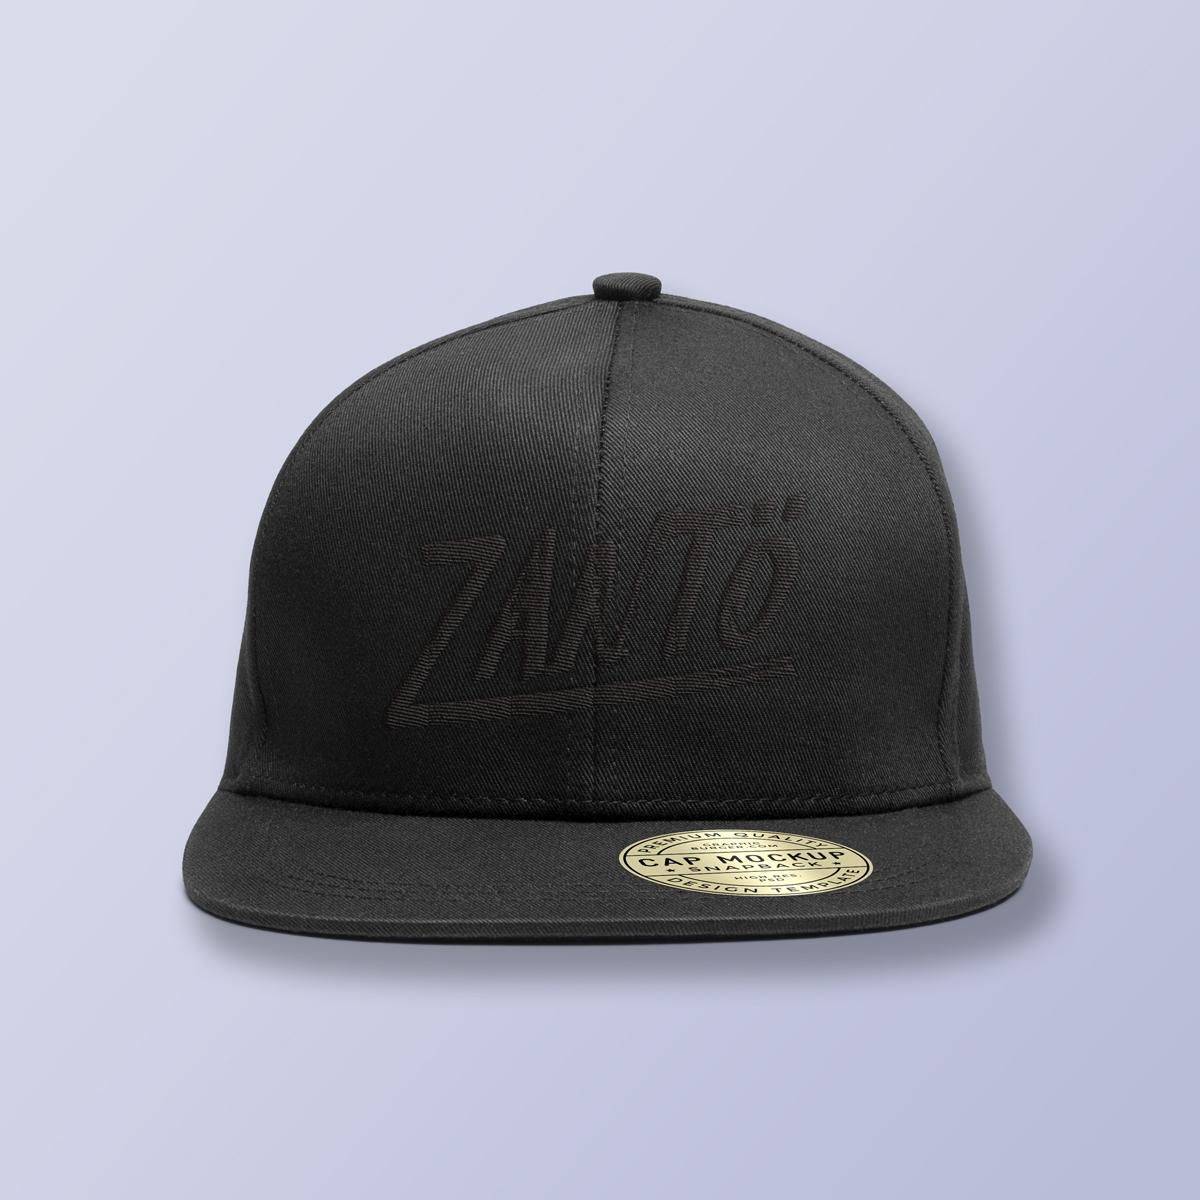 Zantö Cap / Black ¥3,500